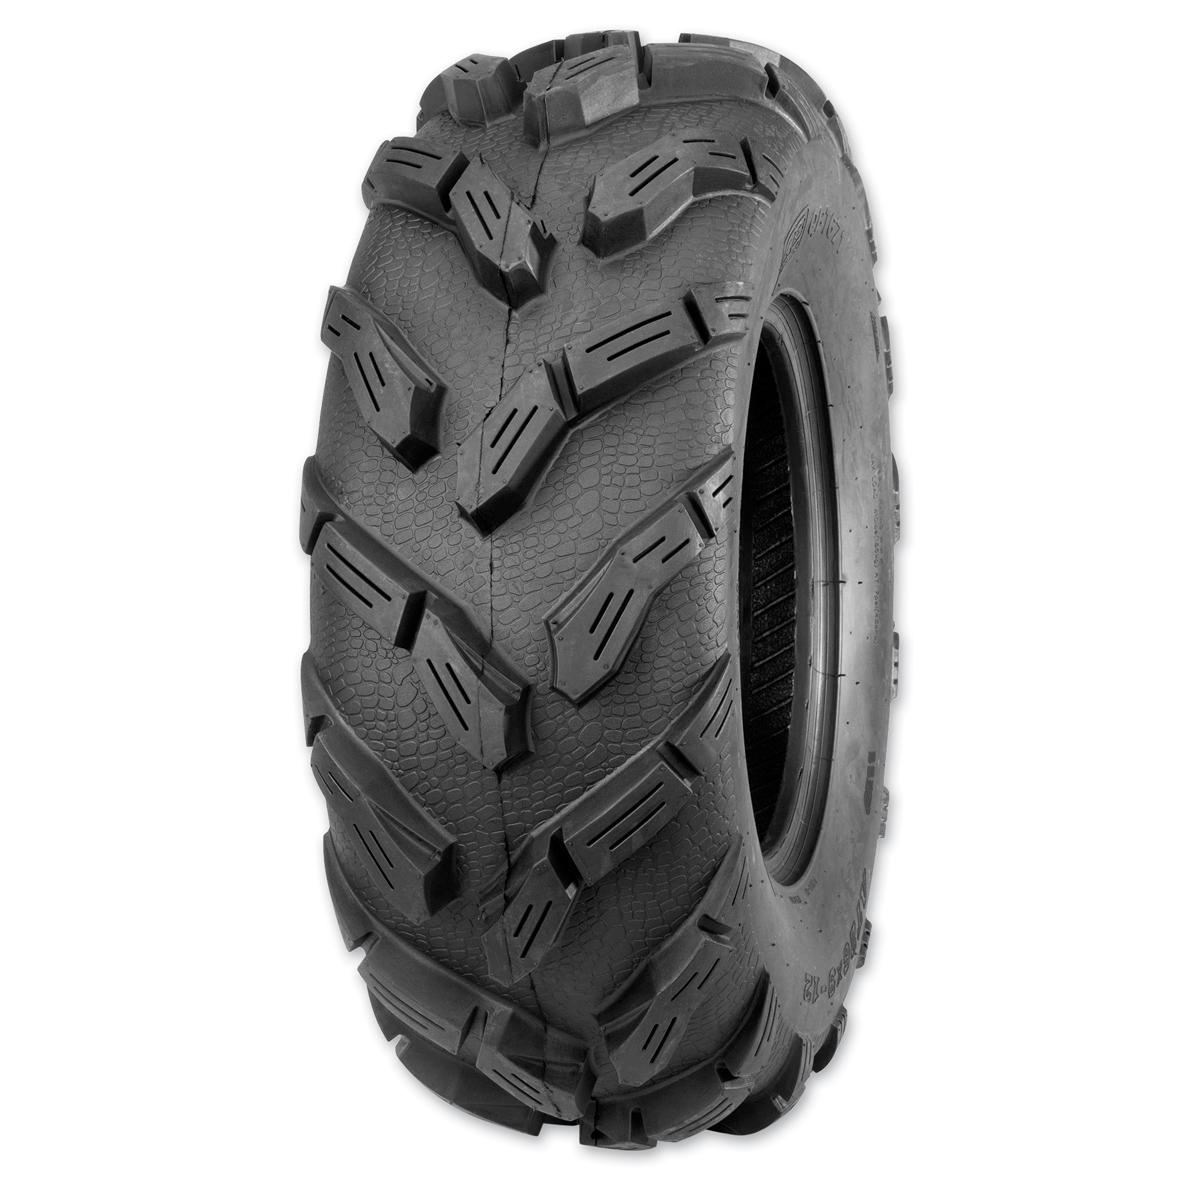 Quadboss QBT671 25X8-12 6-Ply Front Tire